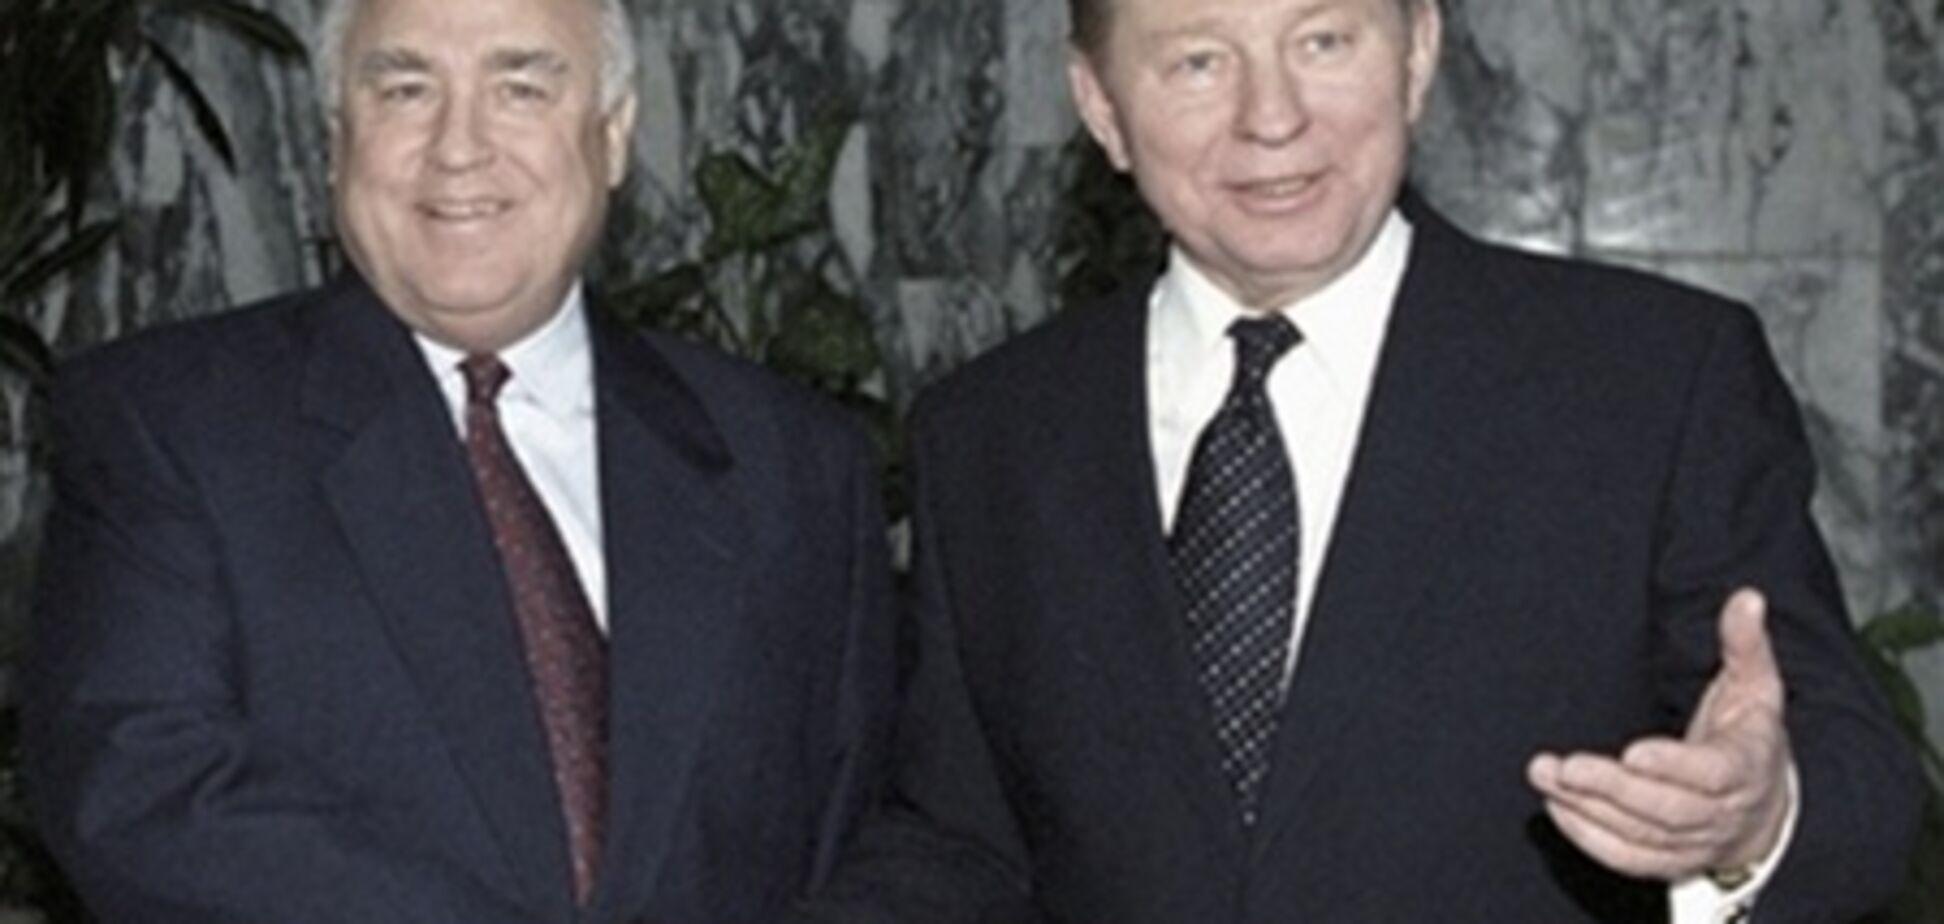 Черномирдін про Кучму: ми не крутилися, як вареники в сметані